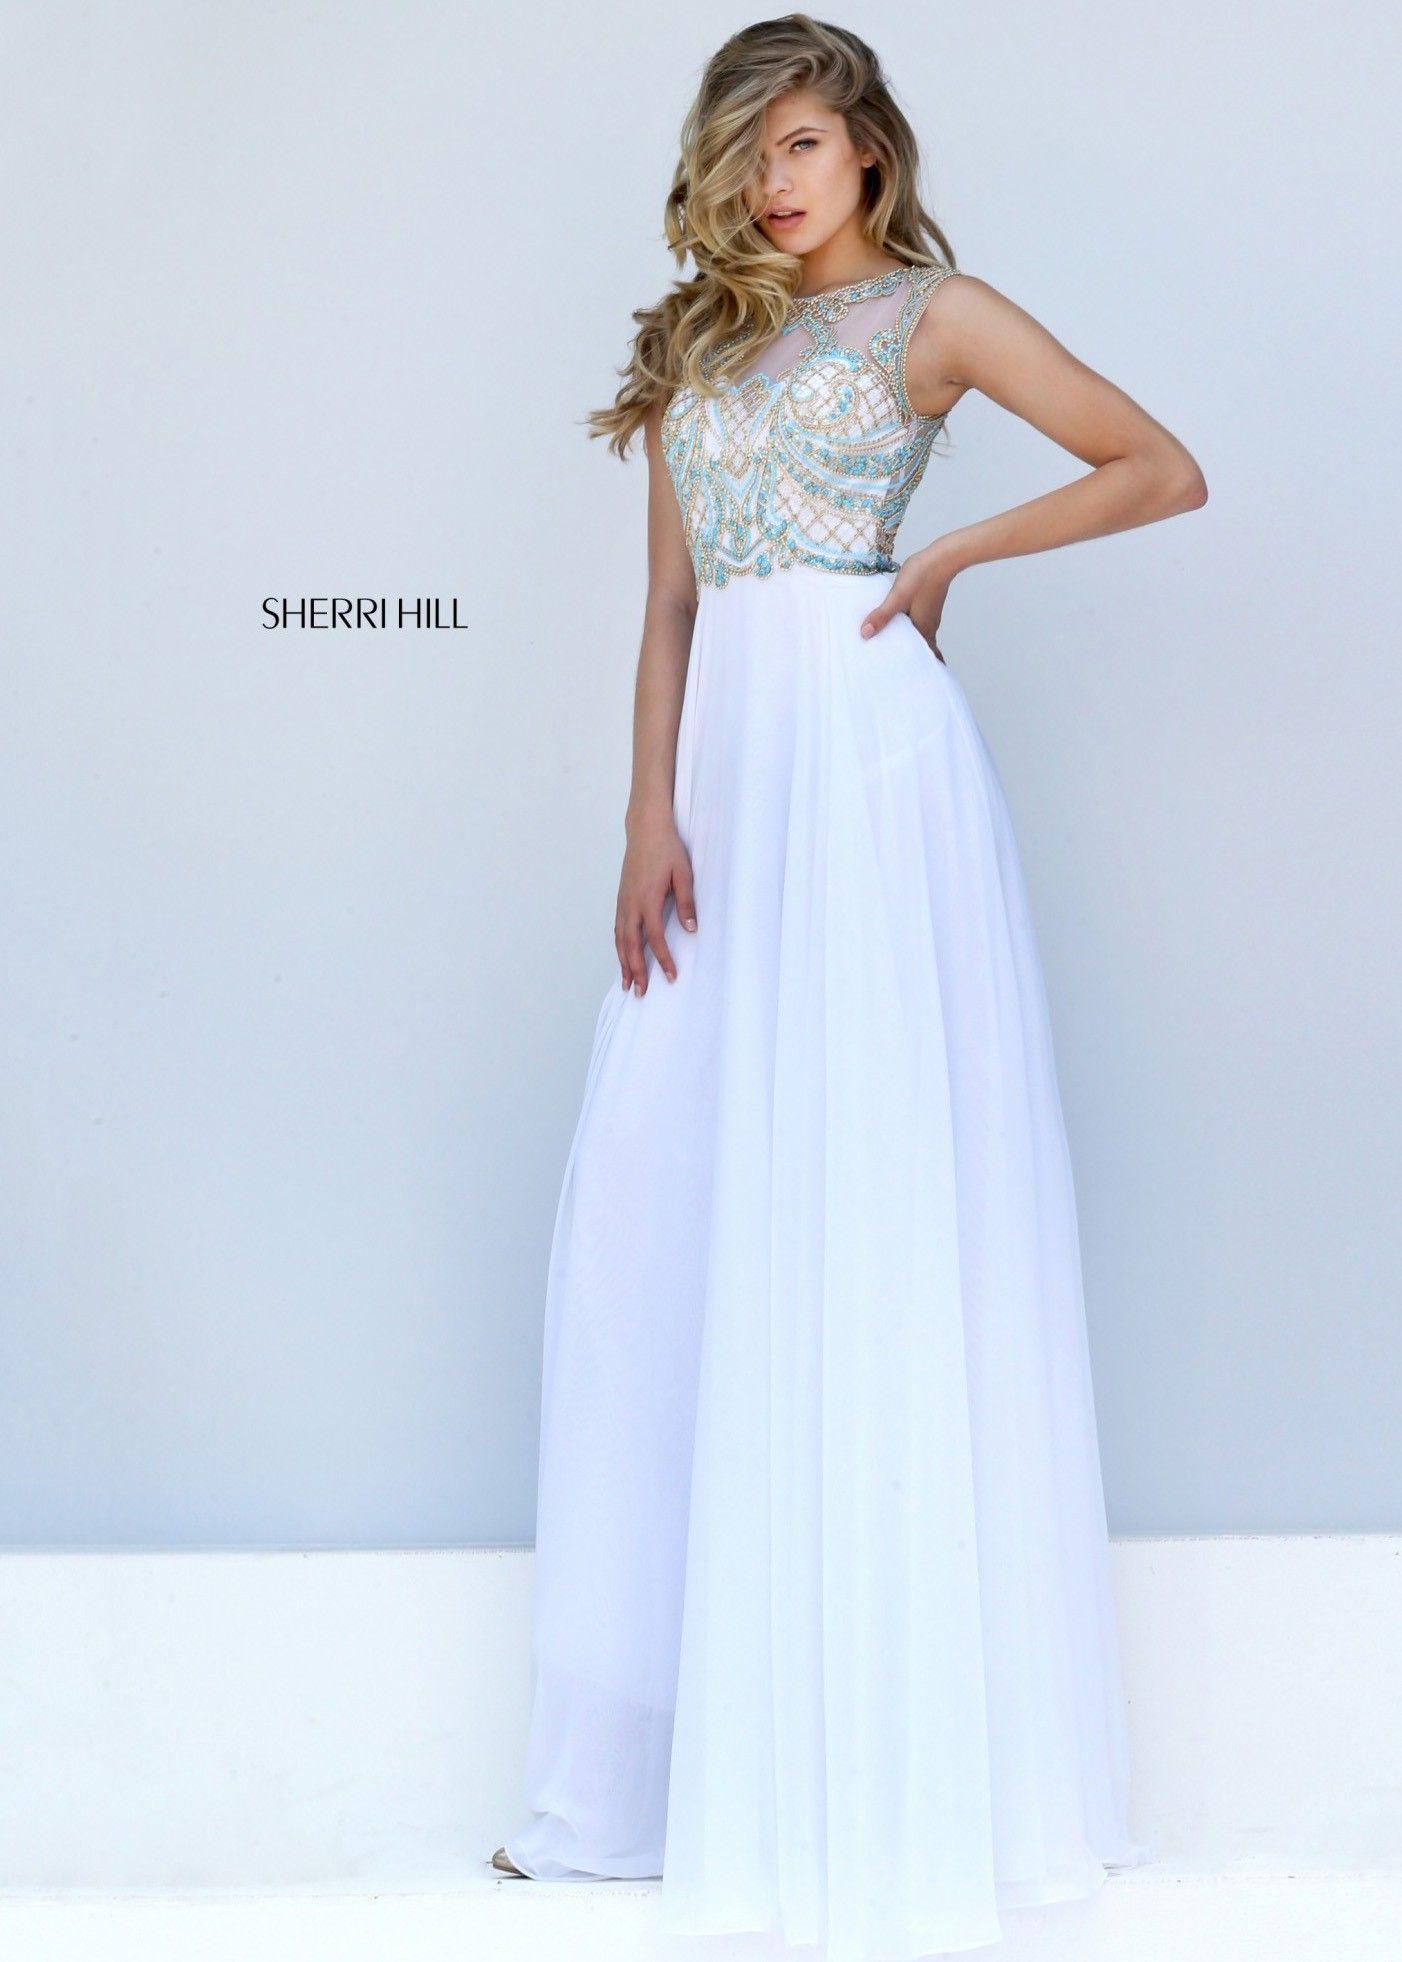 Sherri Hill 12 Ivory/Turquoise Vibrantly Beaded Chiffon Evening